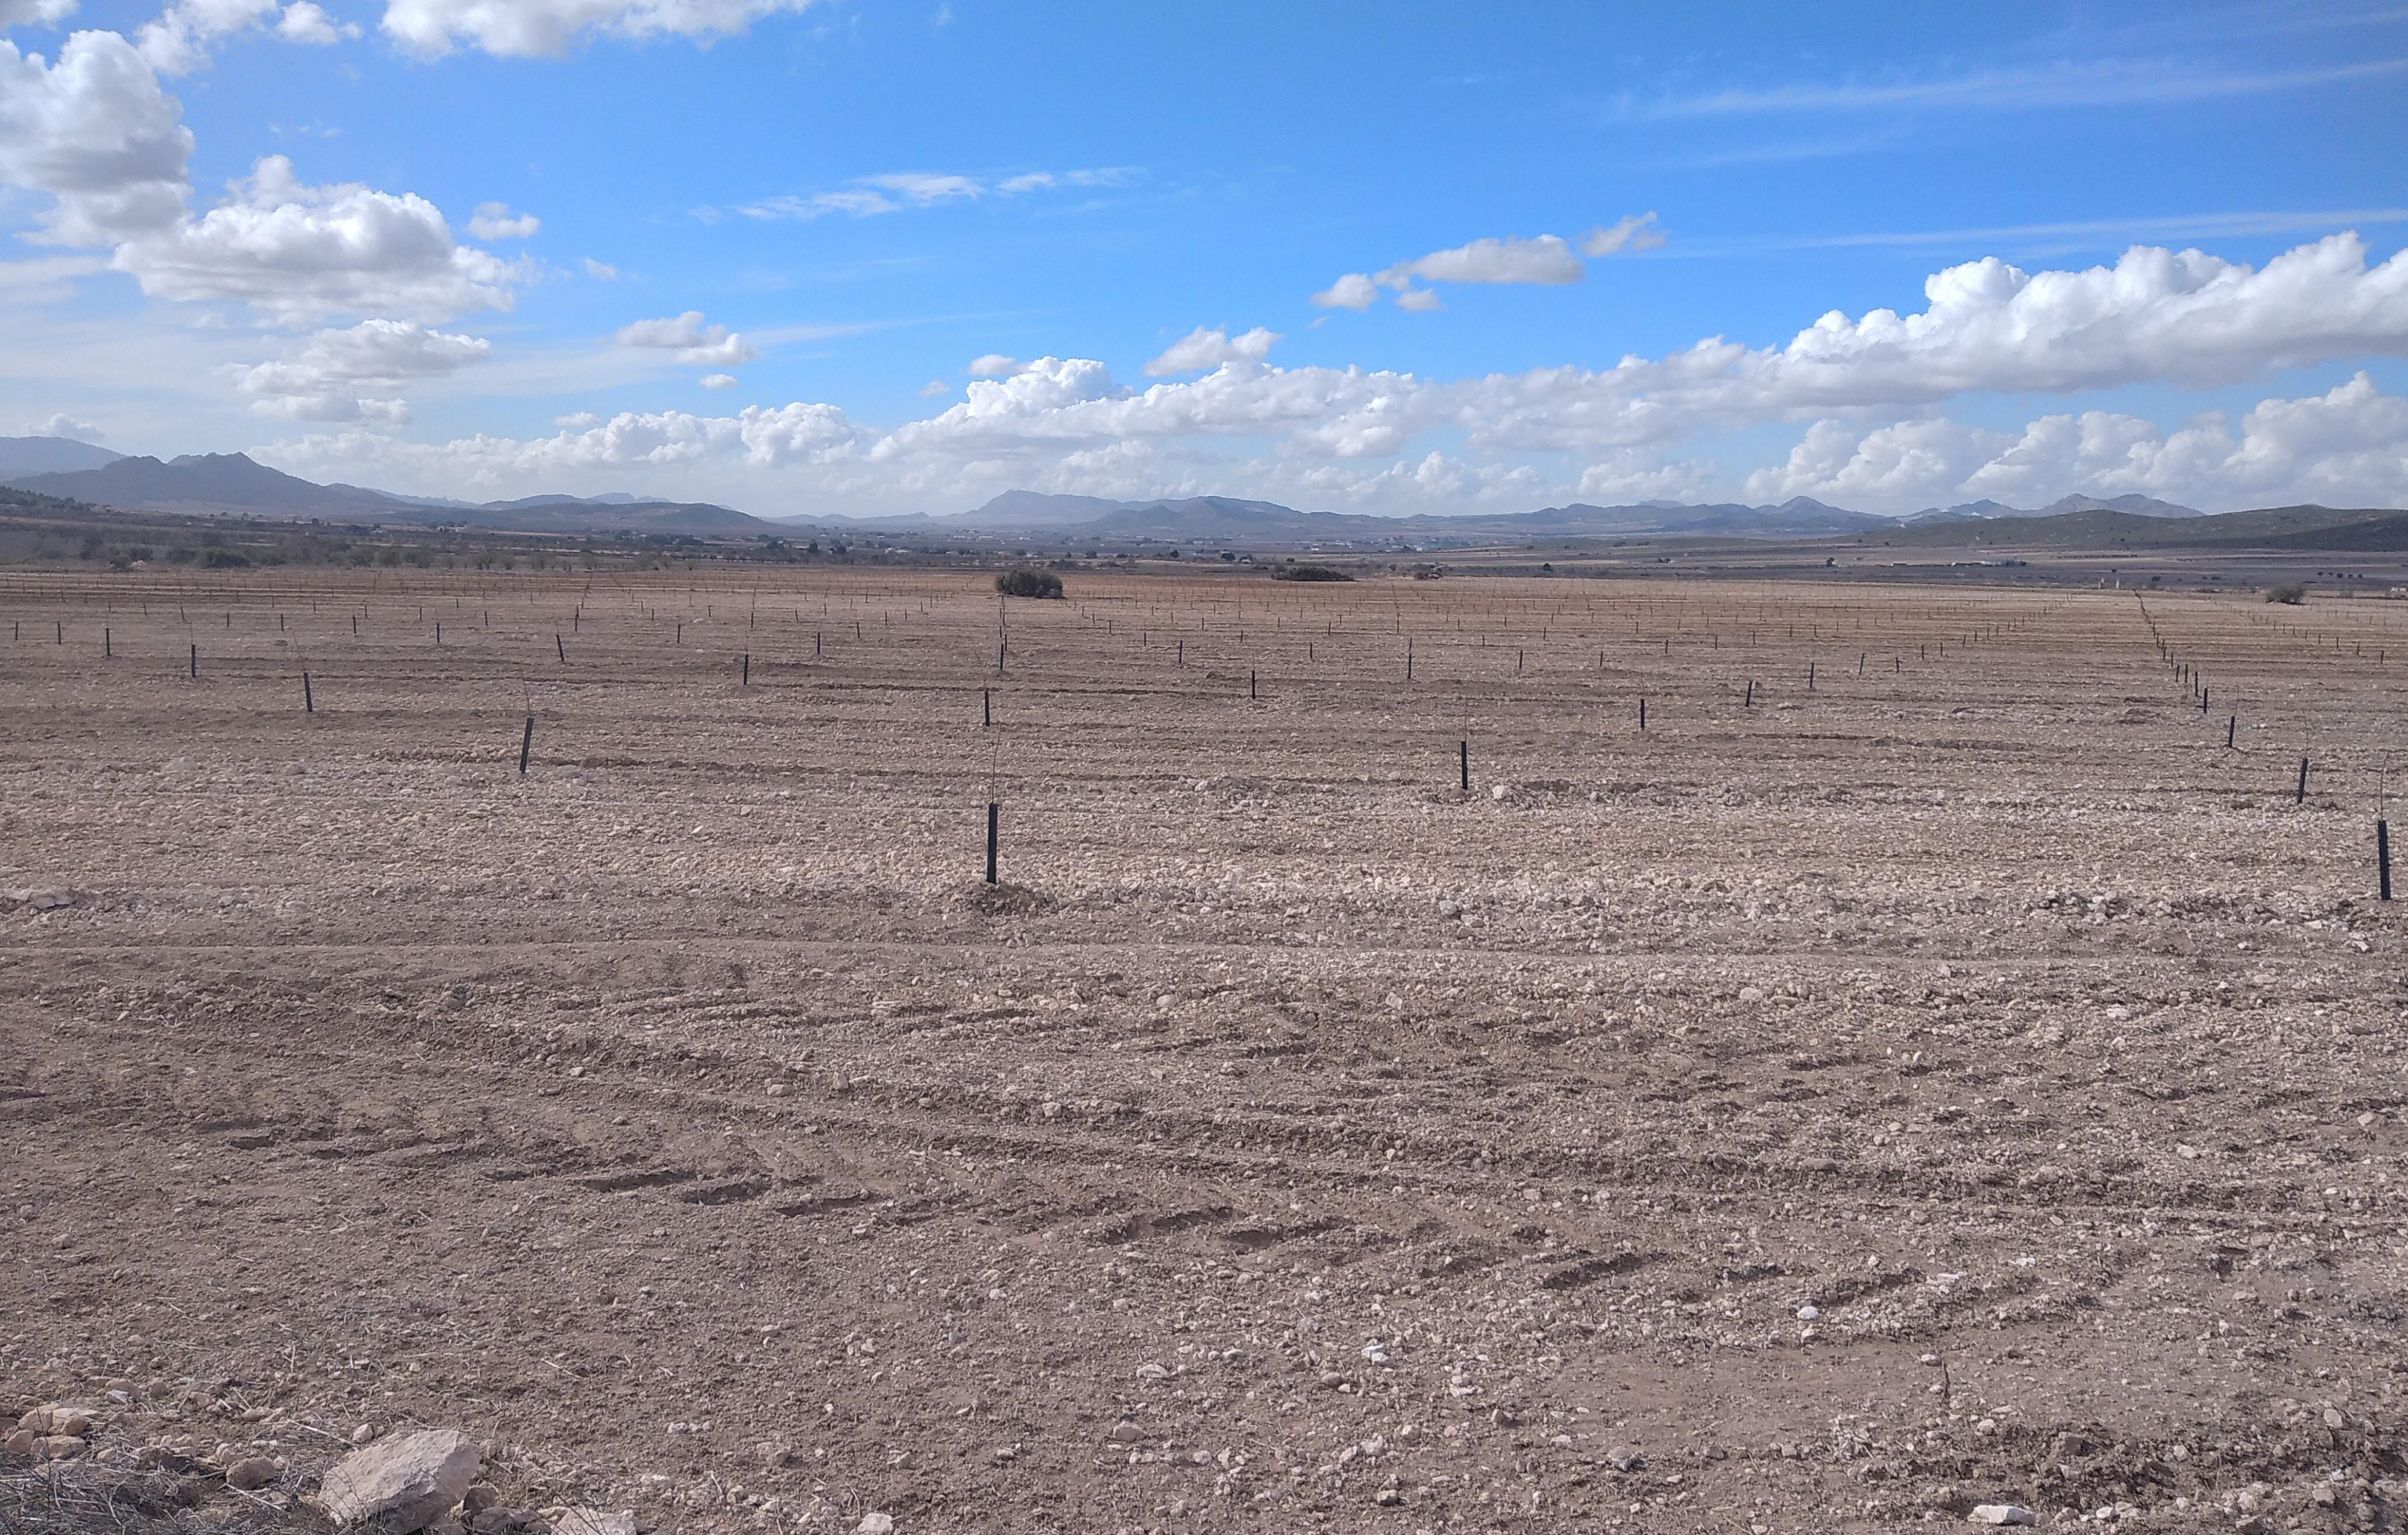 Extensa transformación de cultivo de cereal a almendros en la ZEPA Moralillas-Almela. Imagen: Adensva